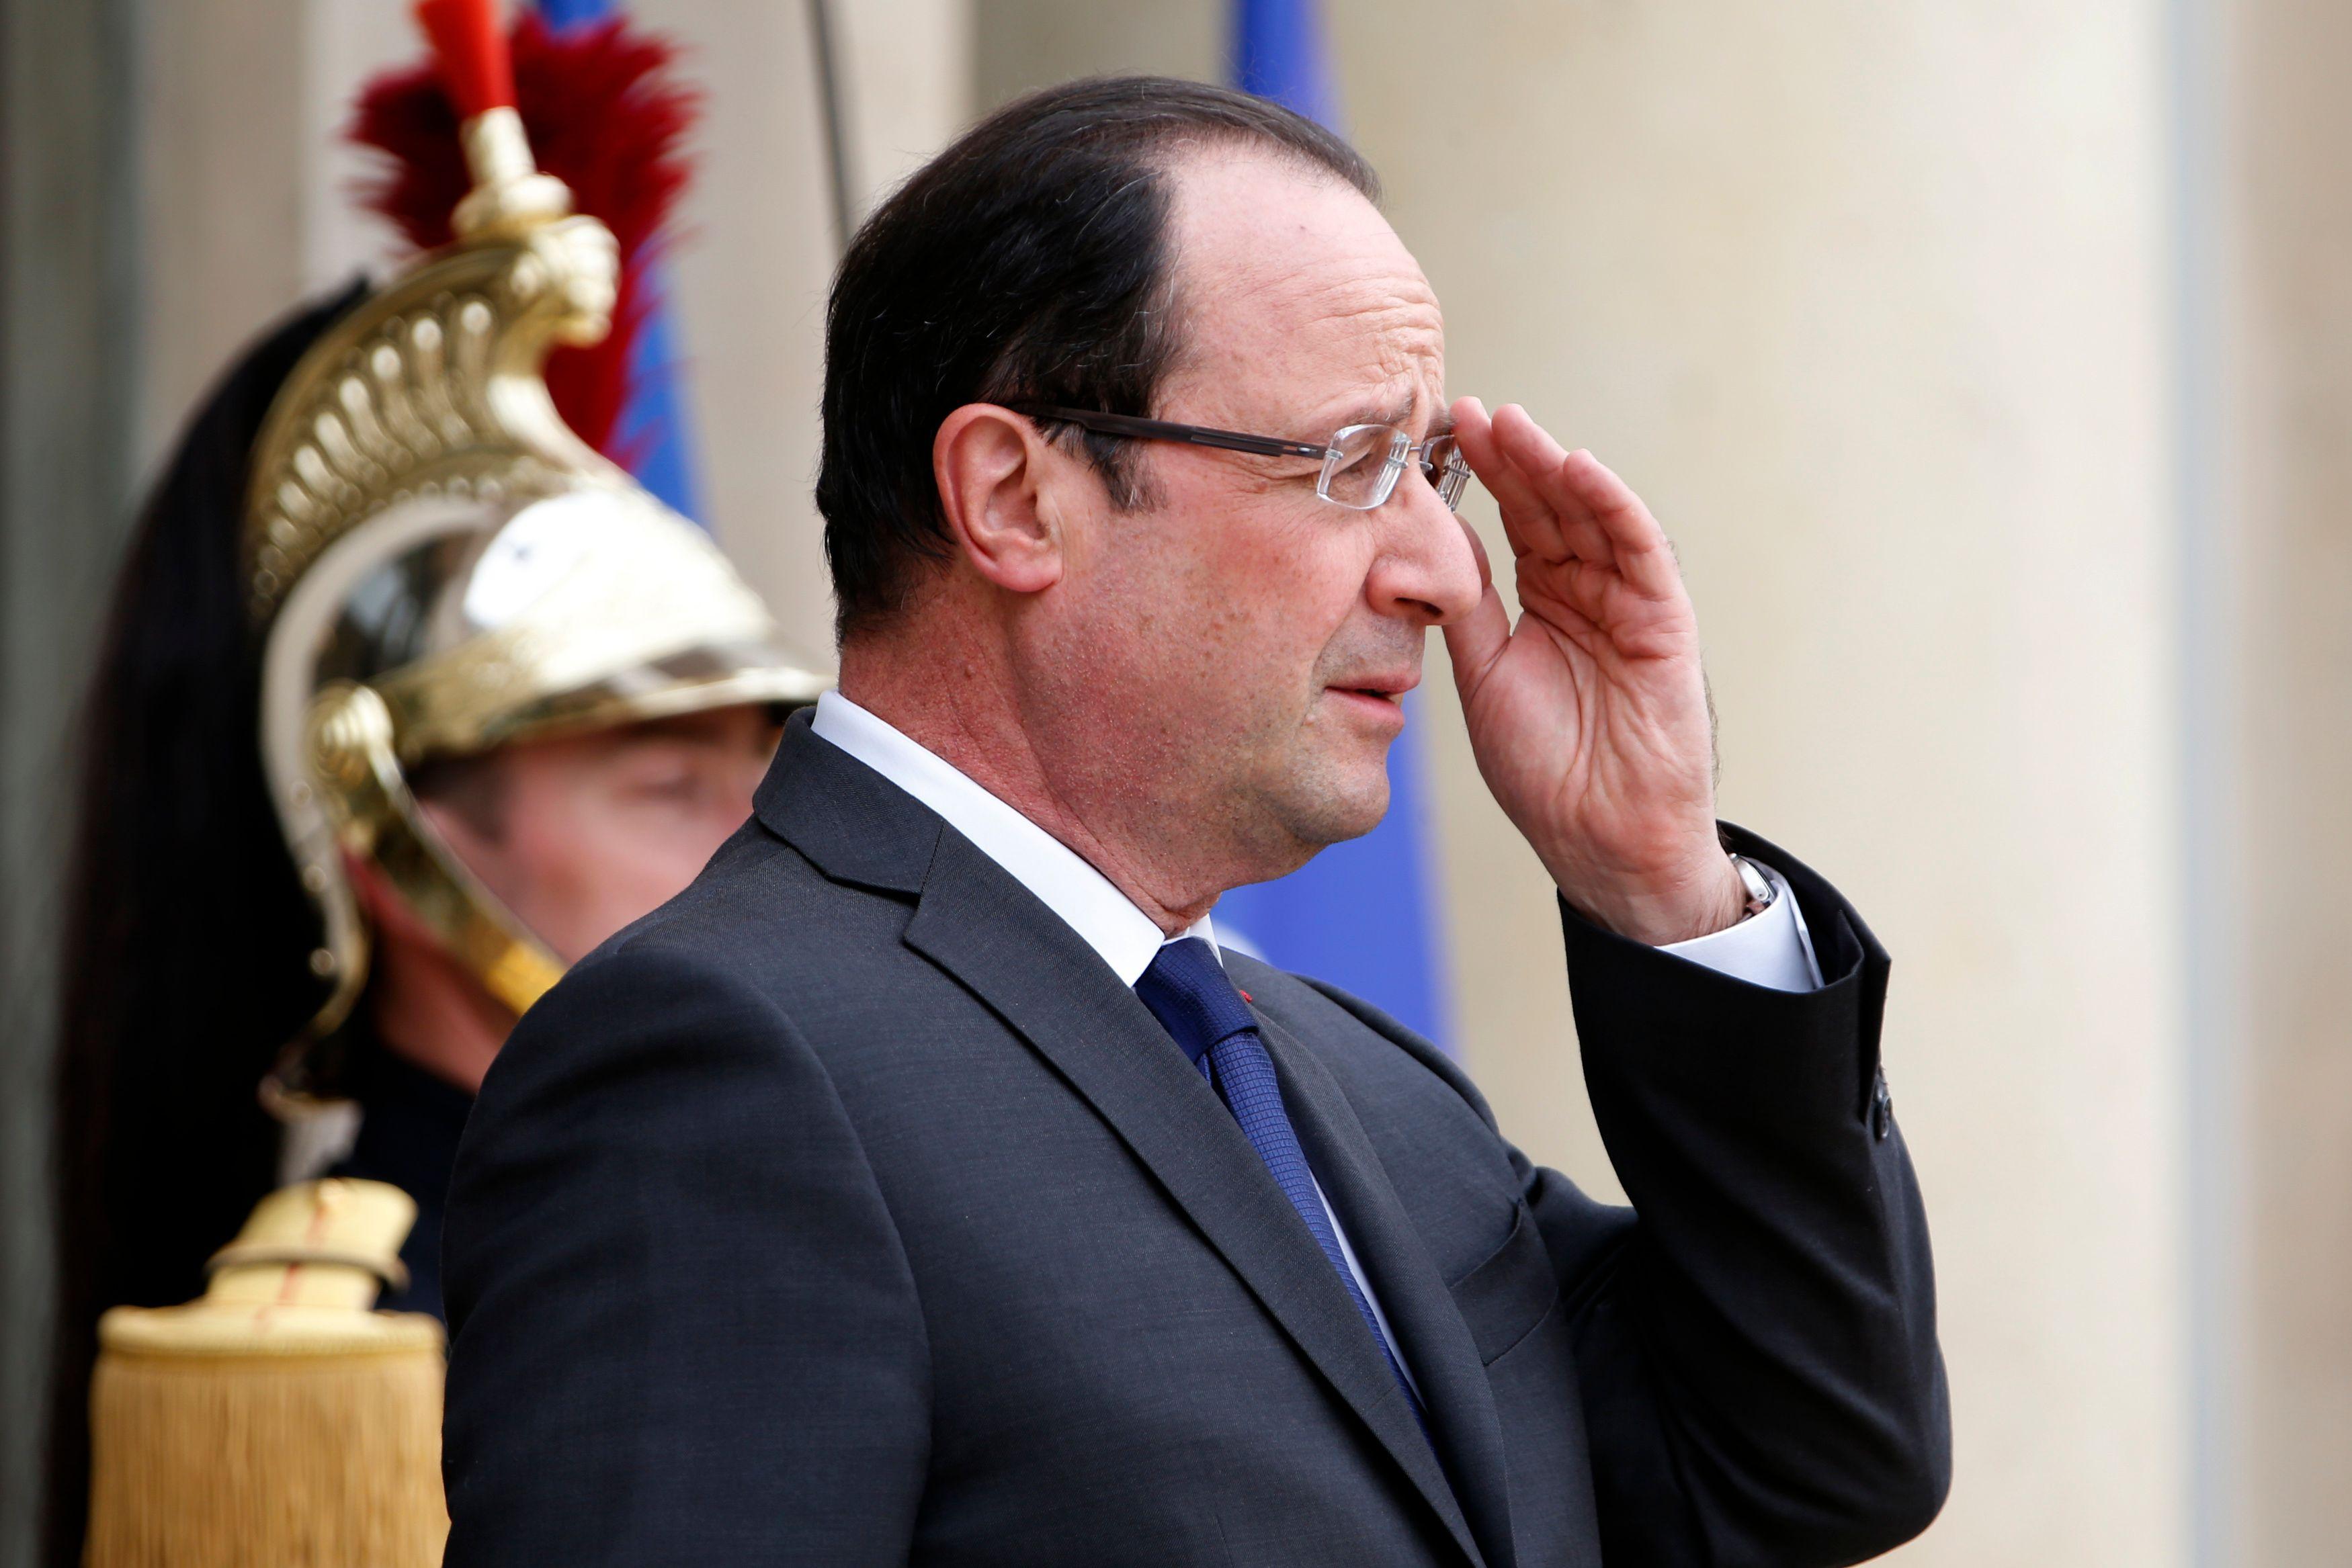 Conseil stratégique de l'attractivité : François Hollande veut séduire lespatrons étrangers